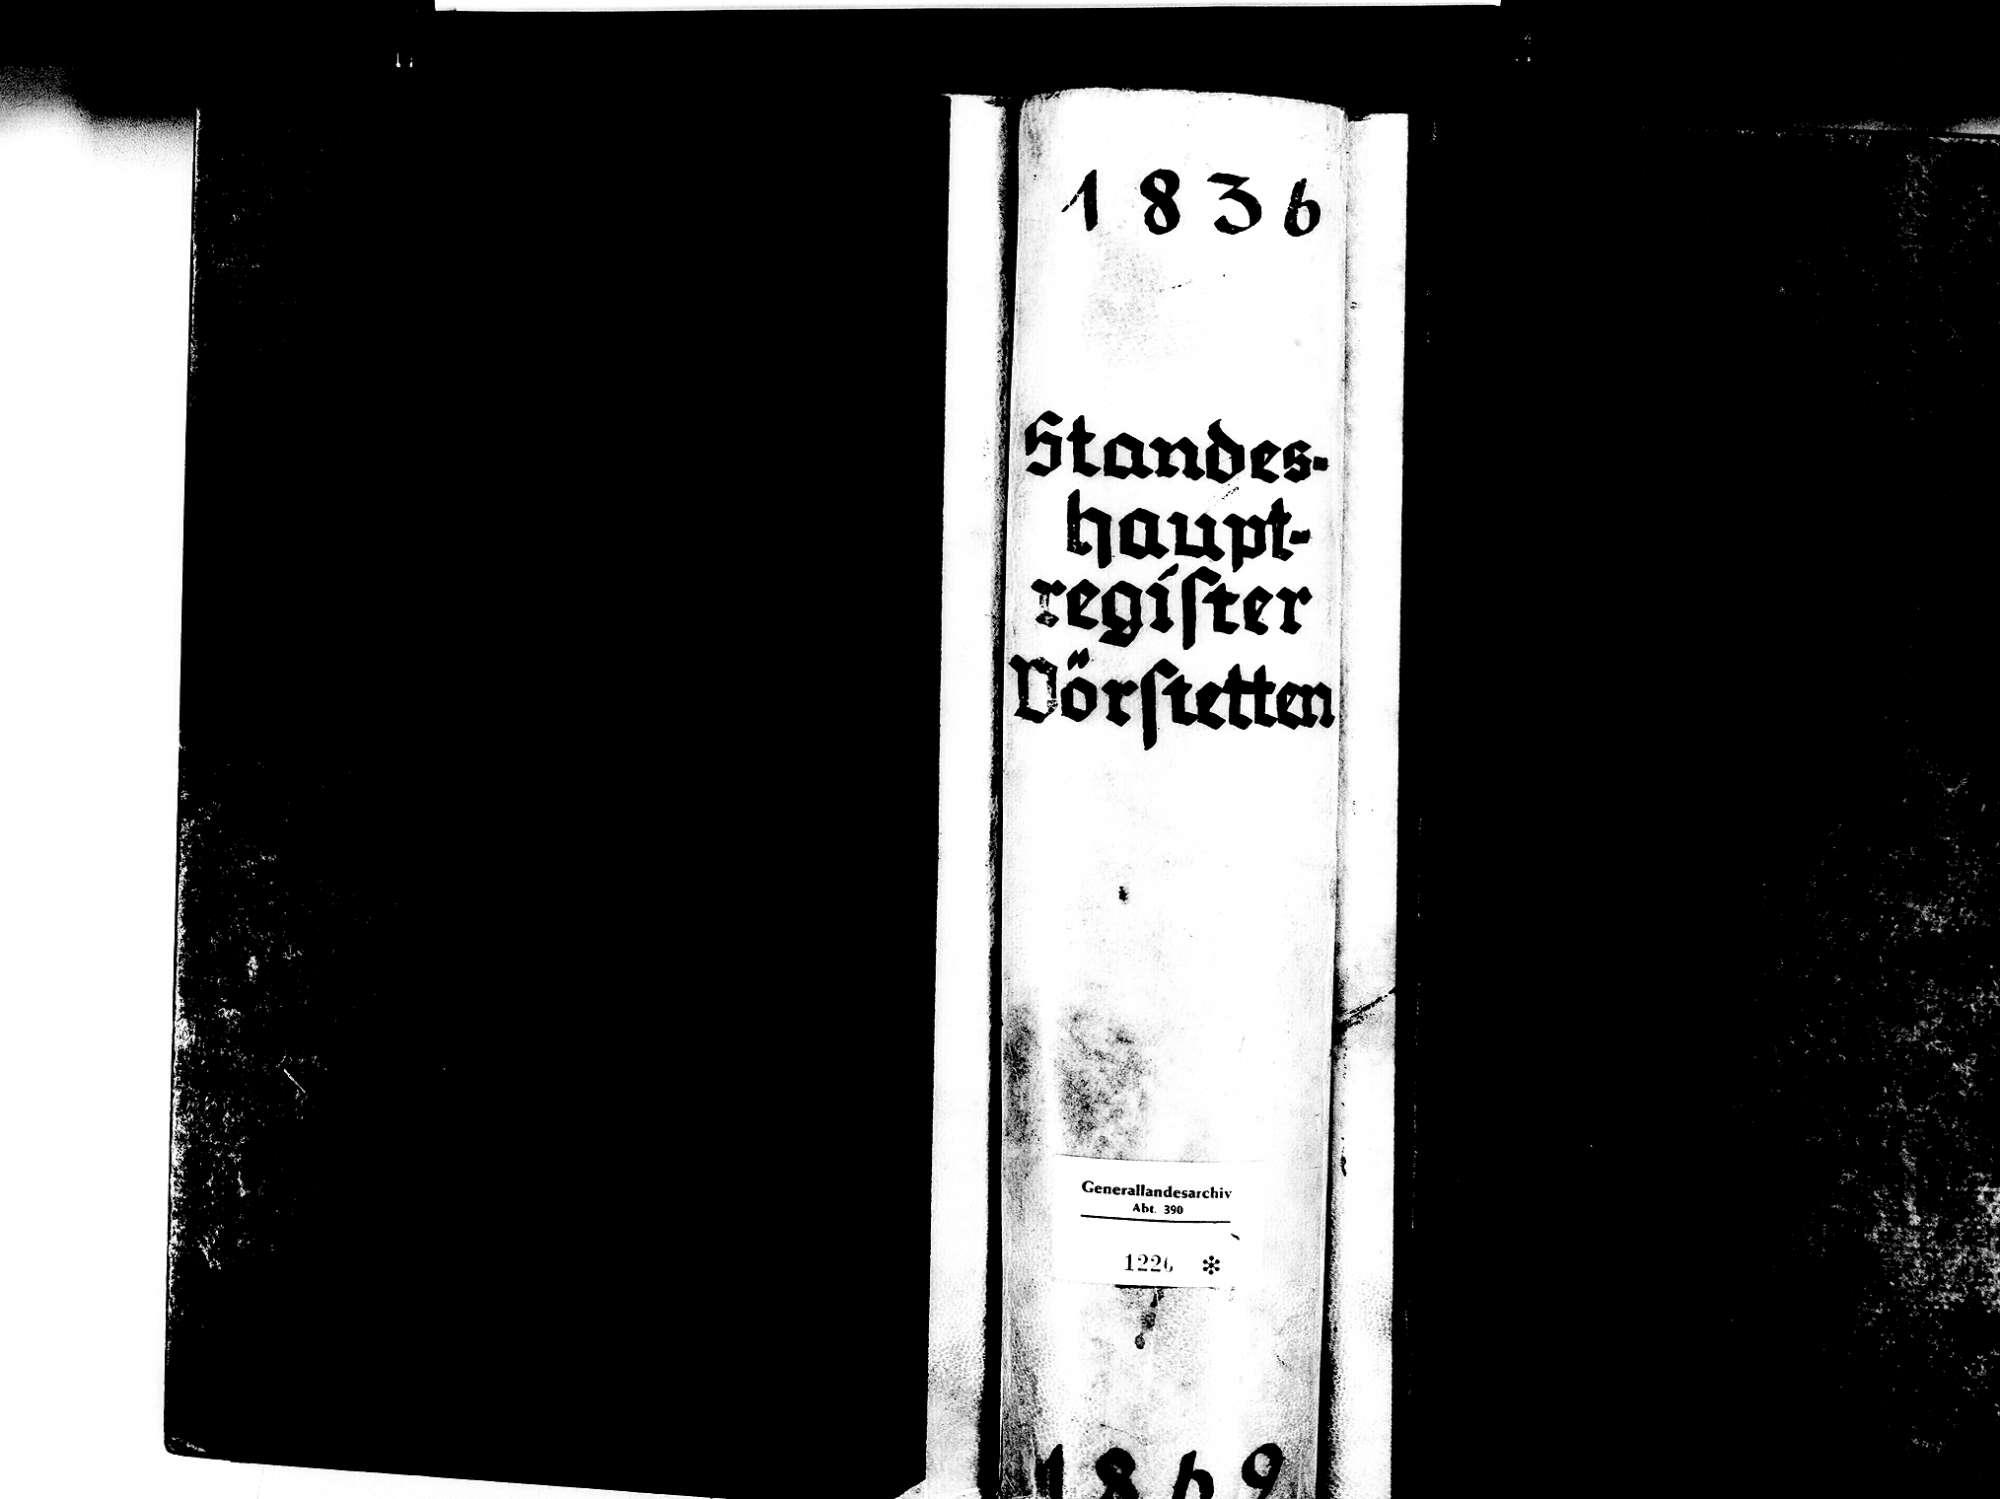 Vörstetten EM; Evangelische Gemeinde: Standesbuch 1836-1869 Enthält: Einzelne Katholische Einträge, Bild 1